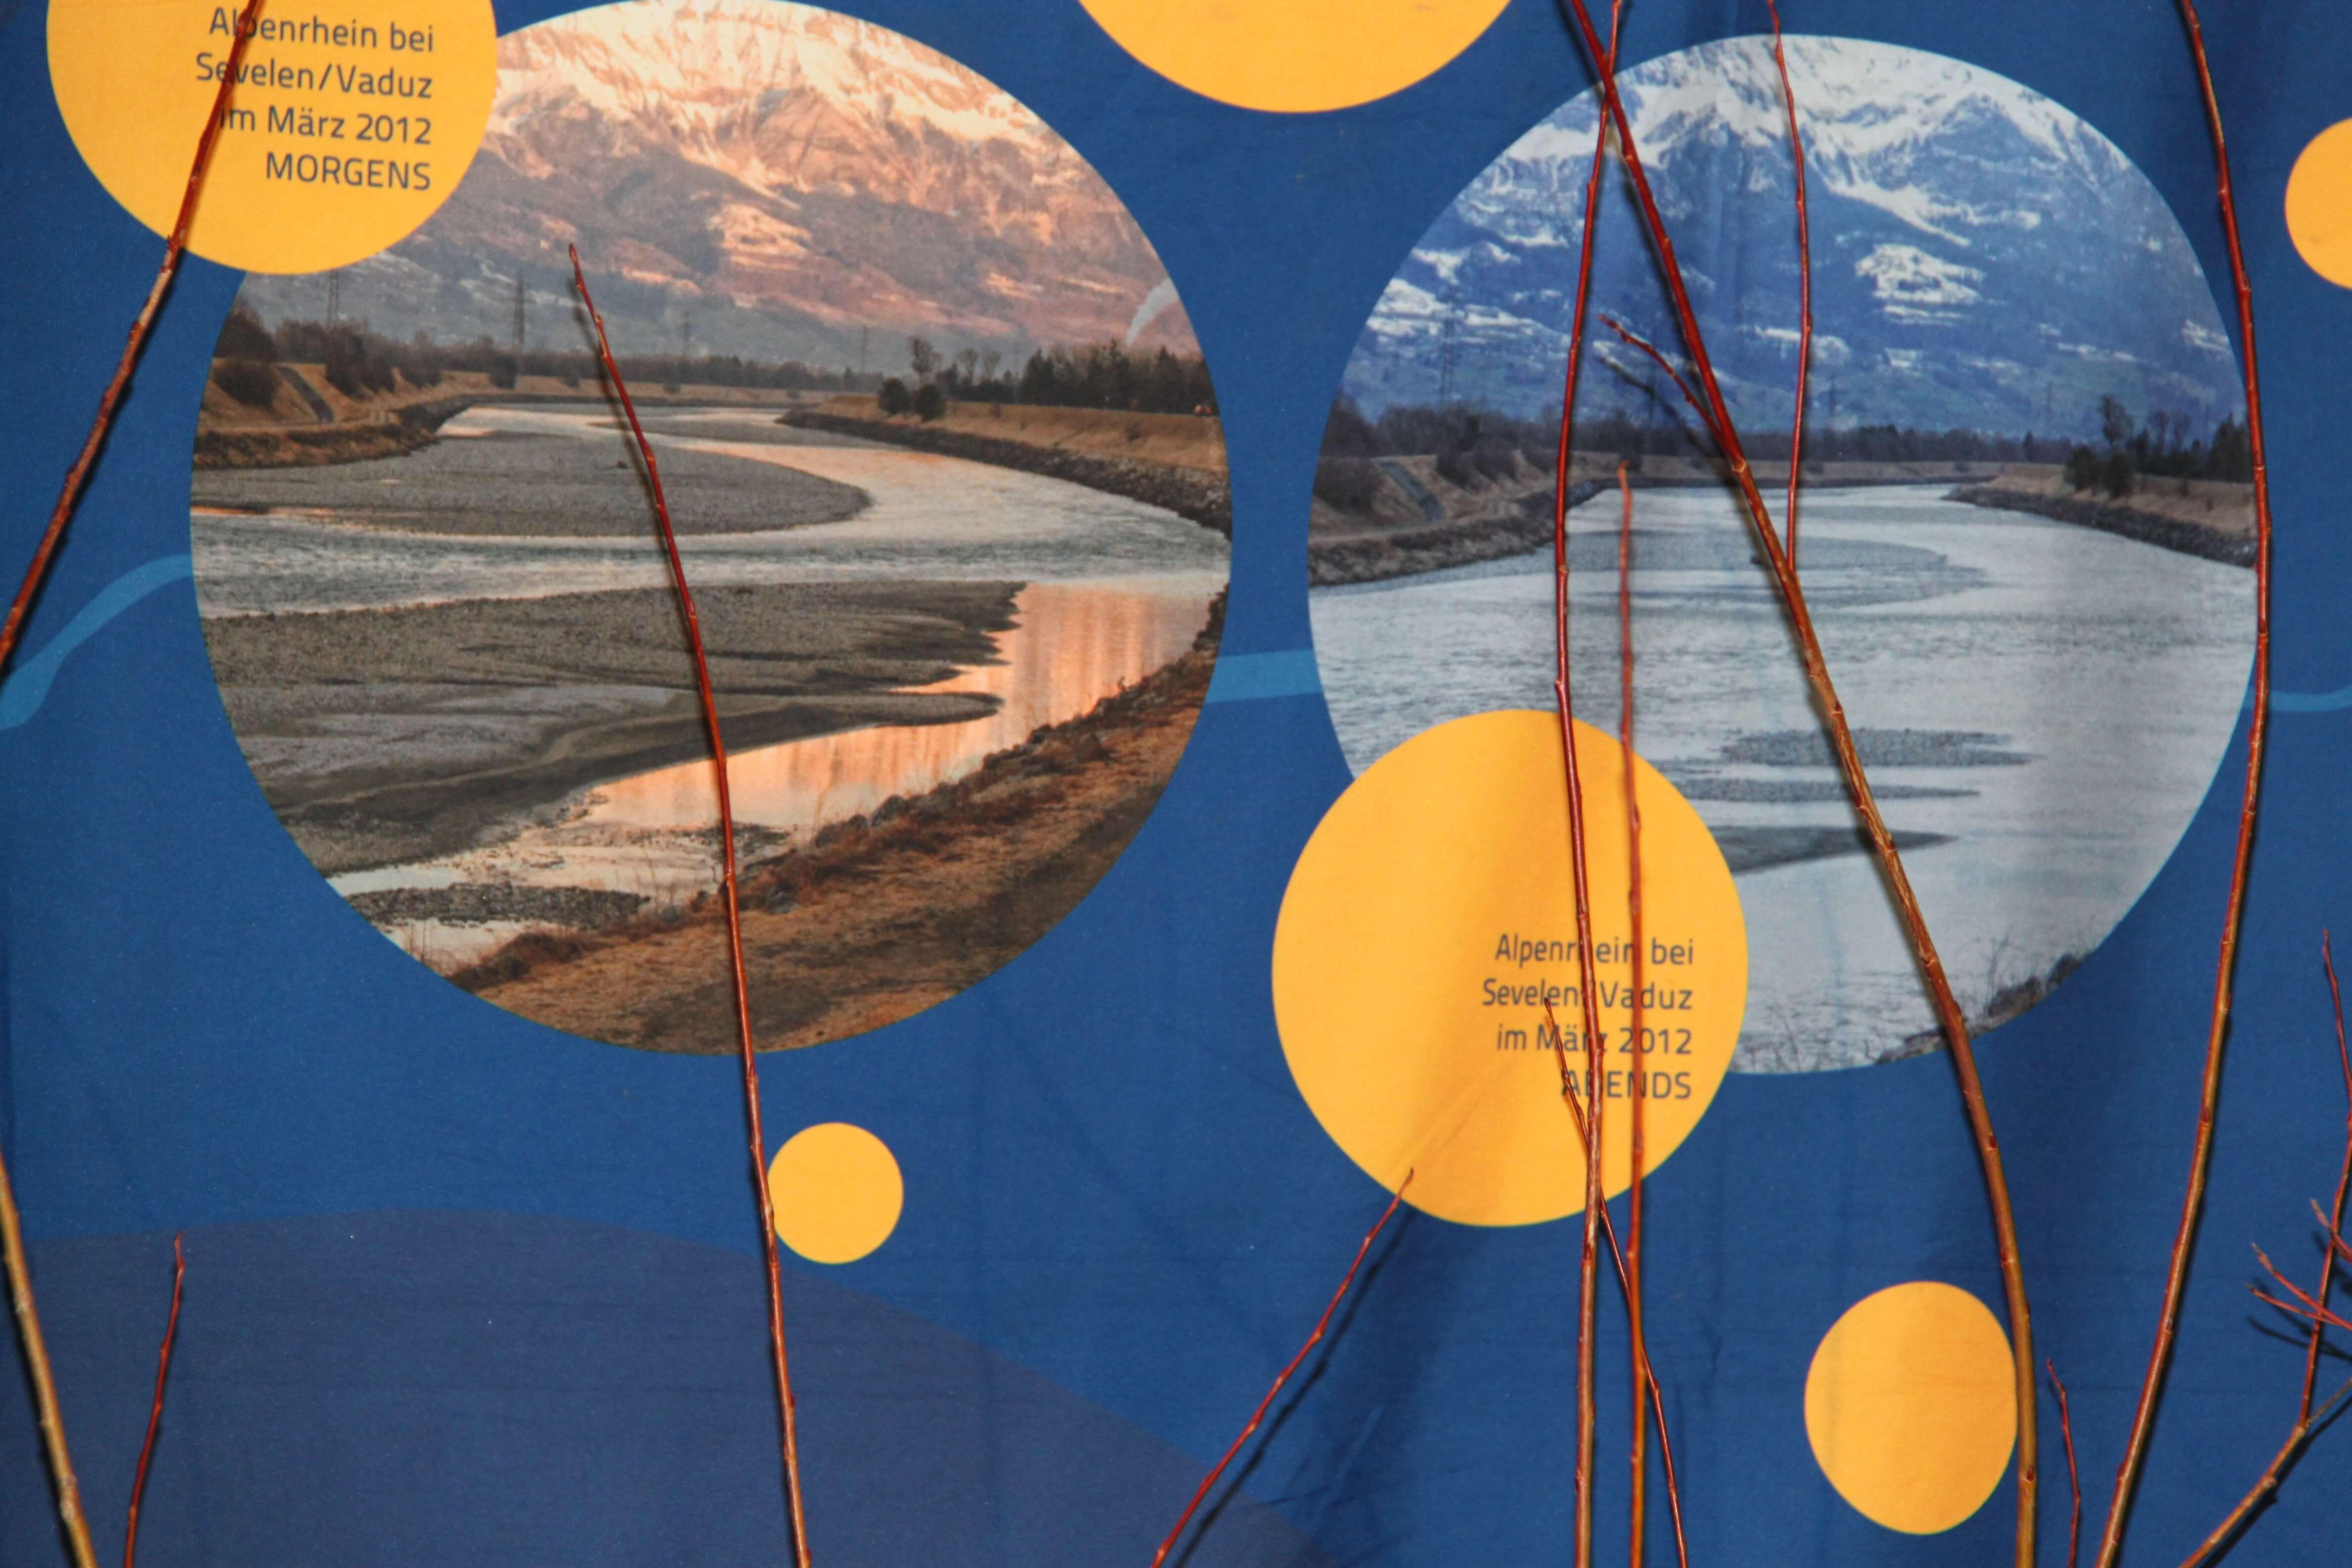 Gewässerökologie an der Jagd- und Fischereimesse in Chur